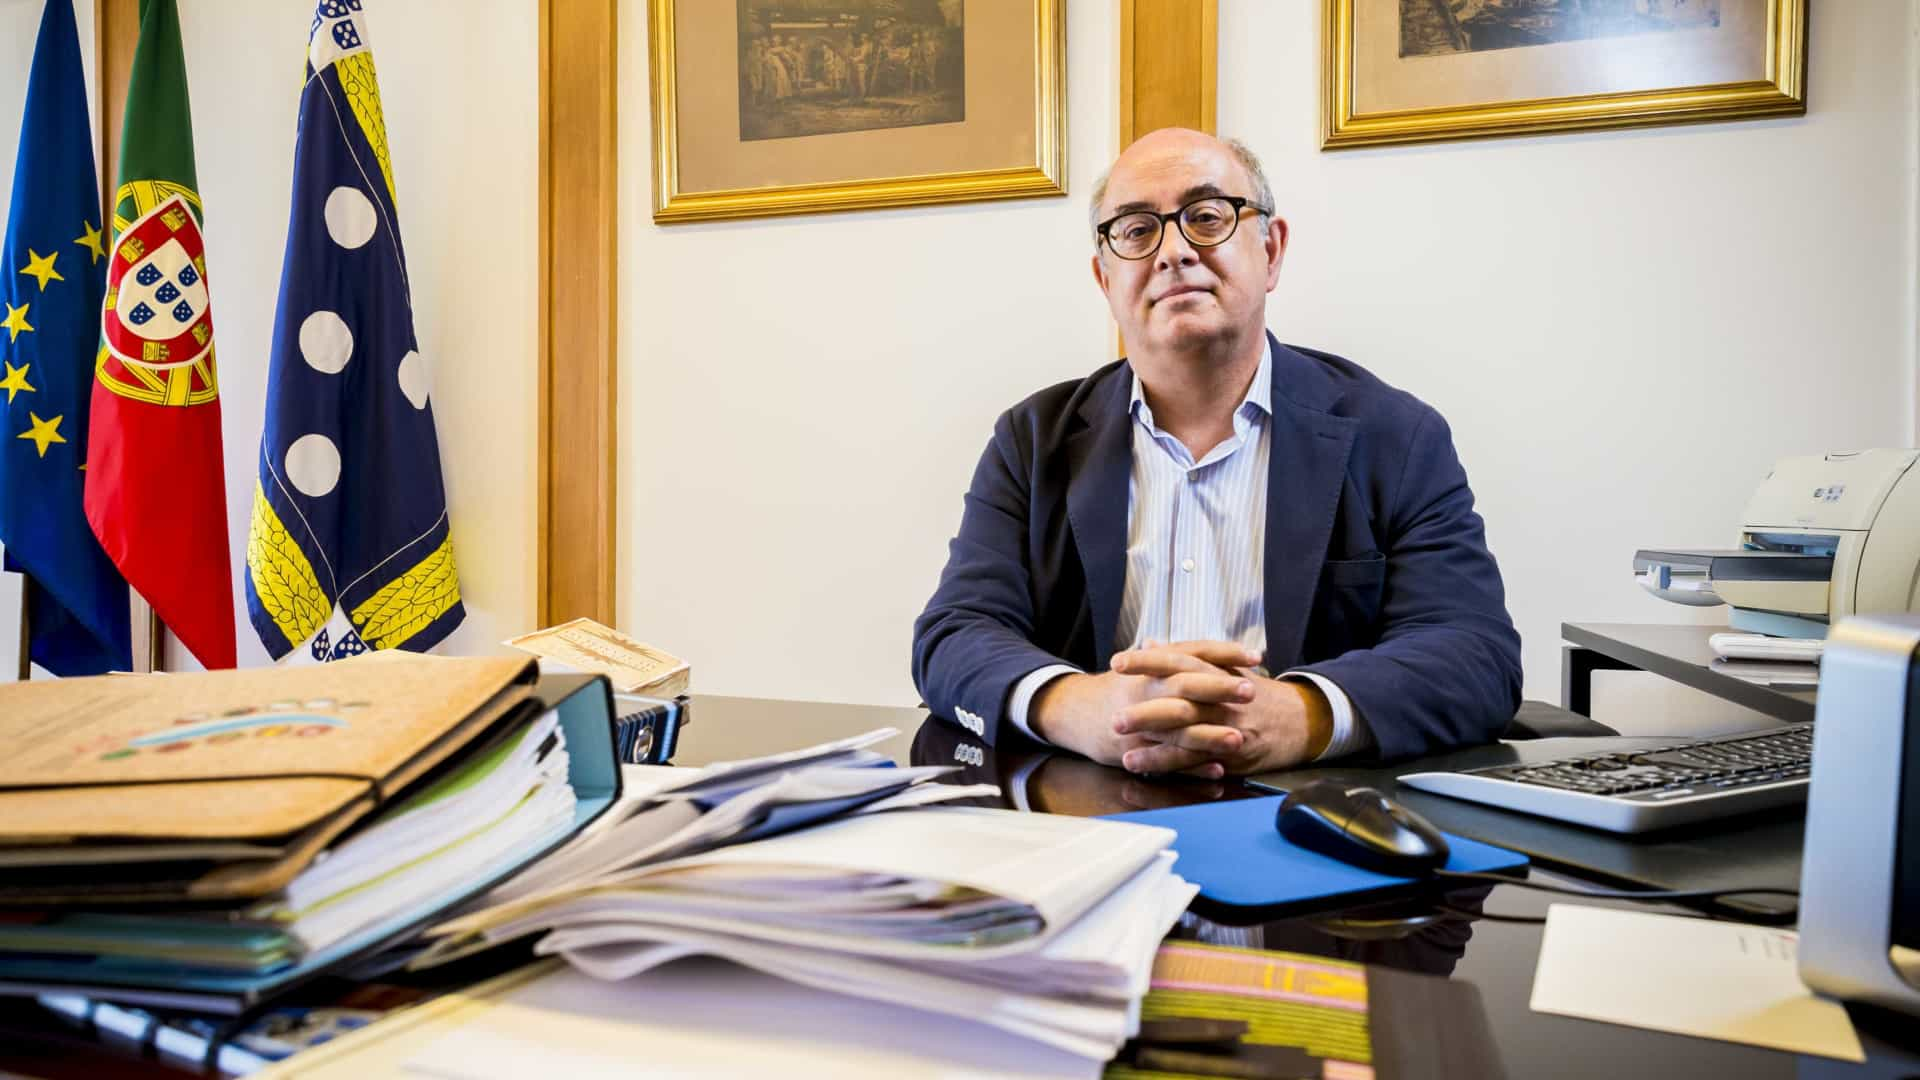 Assalto a Tancos: Ministro da Defesa ouvido hoje no Parlamento